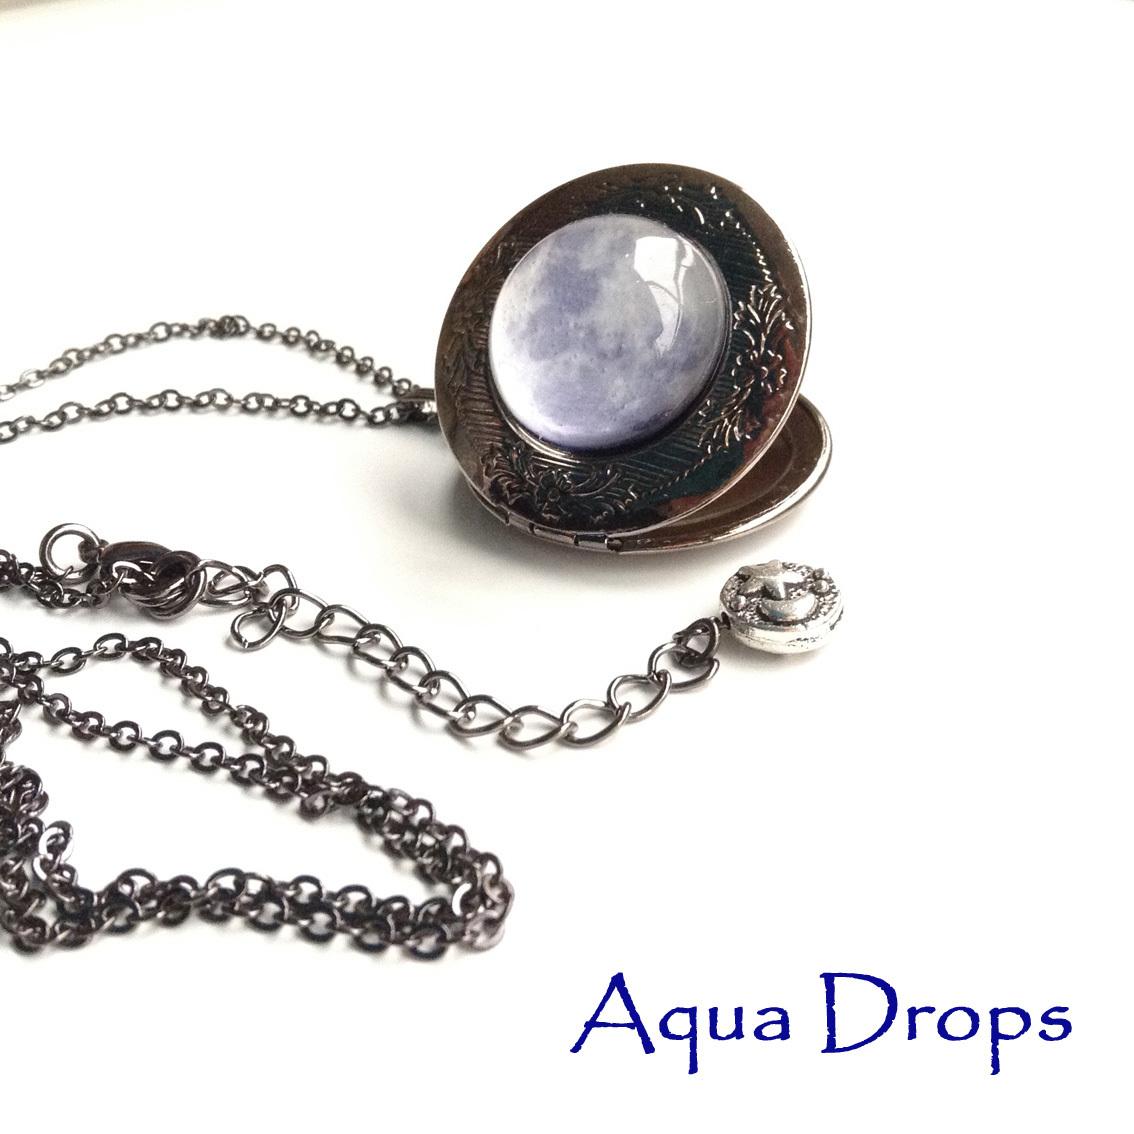 2017_お月さまをヒトリジメ Aqua Drops_05